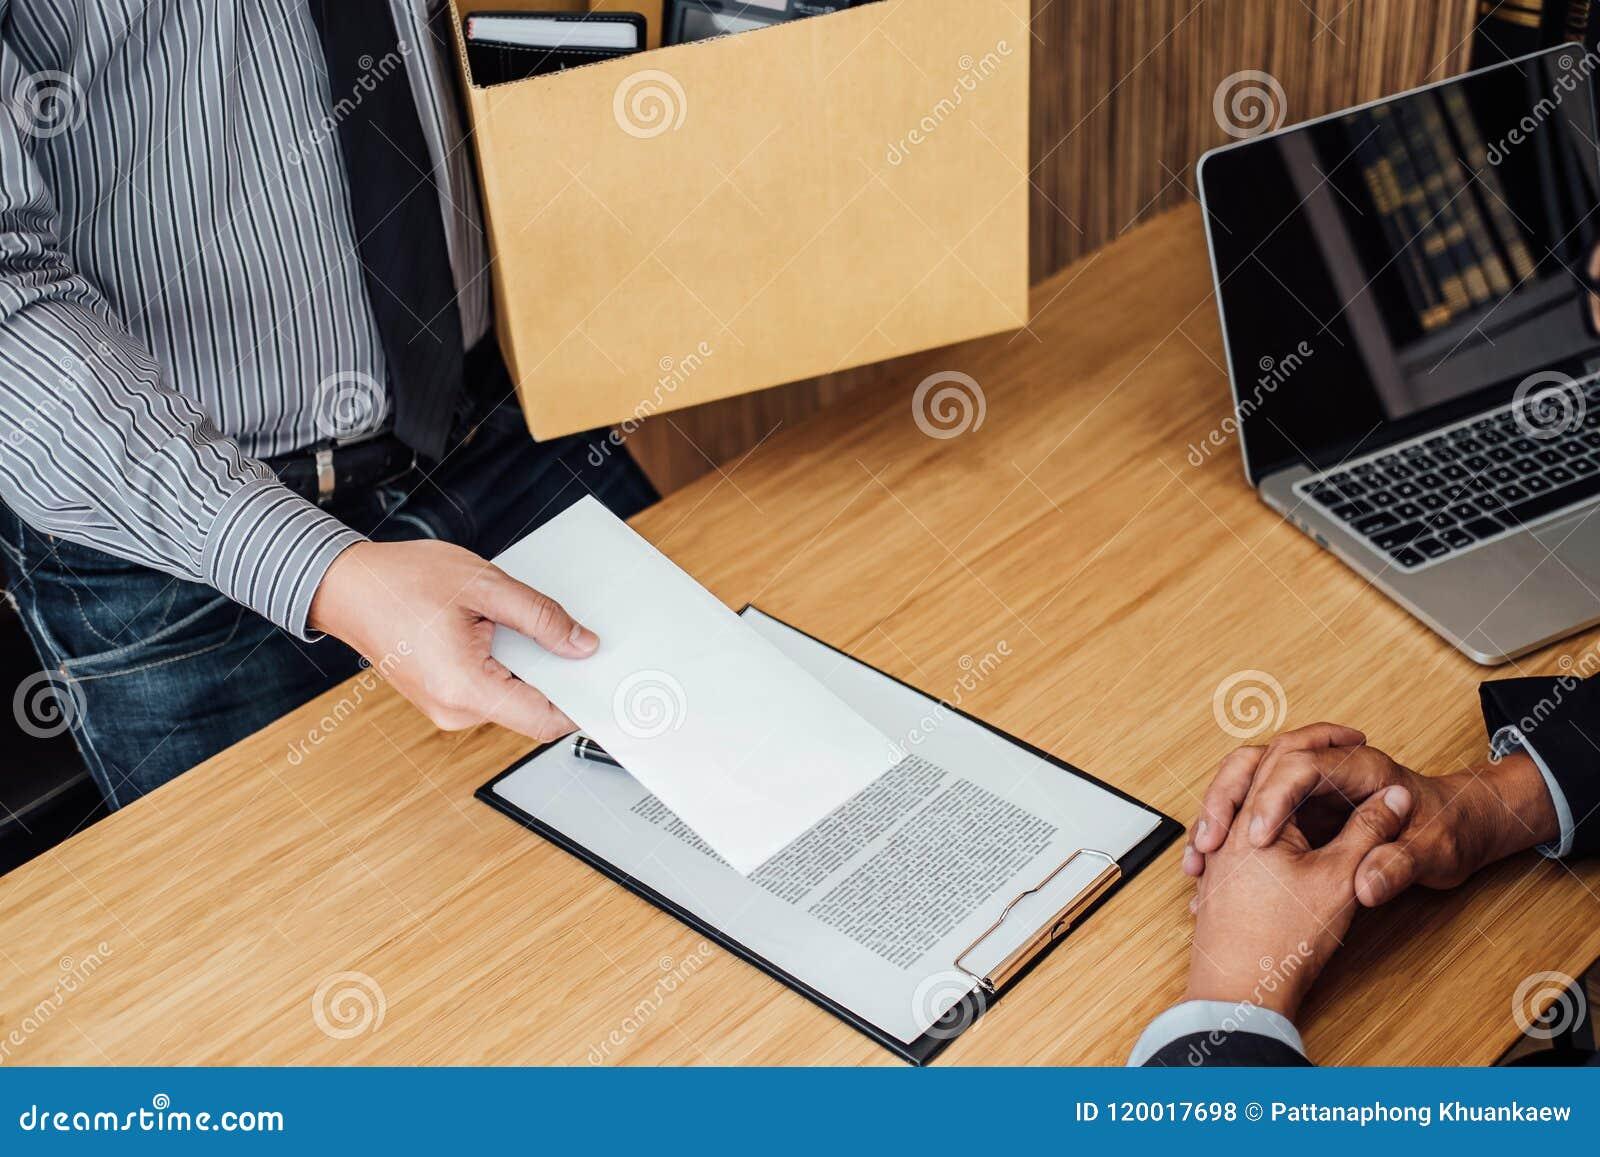 Imagen de la mano del hombre de negocios que sostiene la caja de cartón y que envía un re